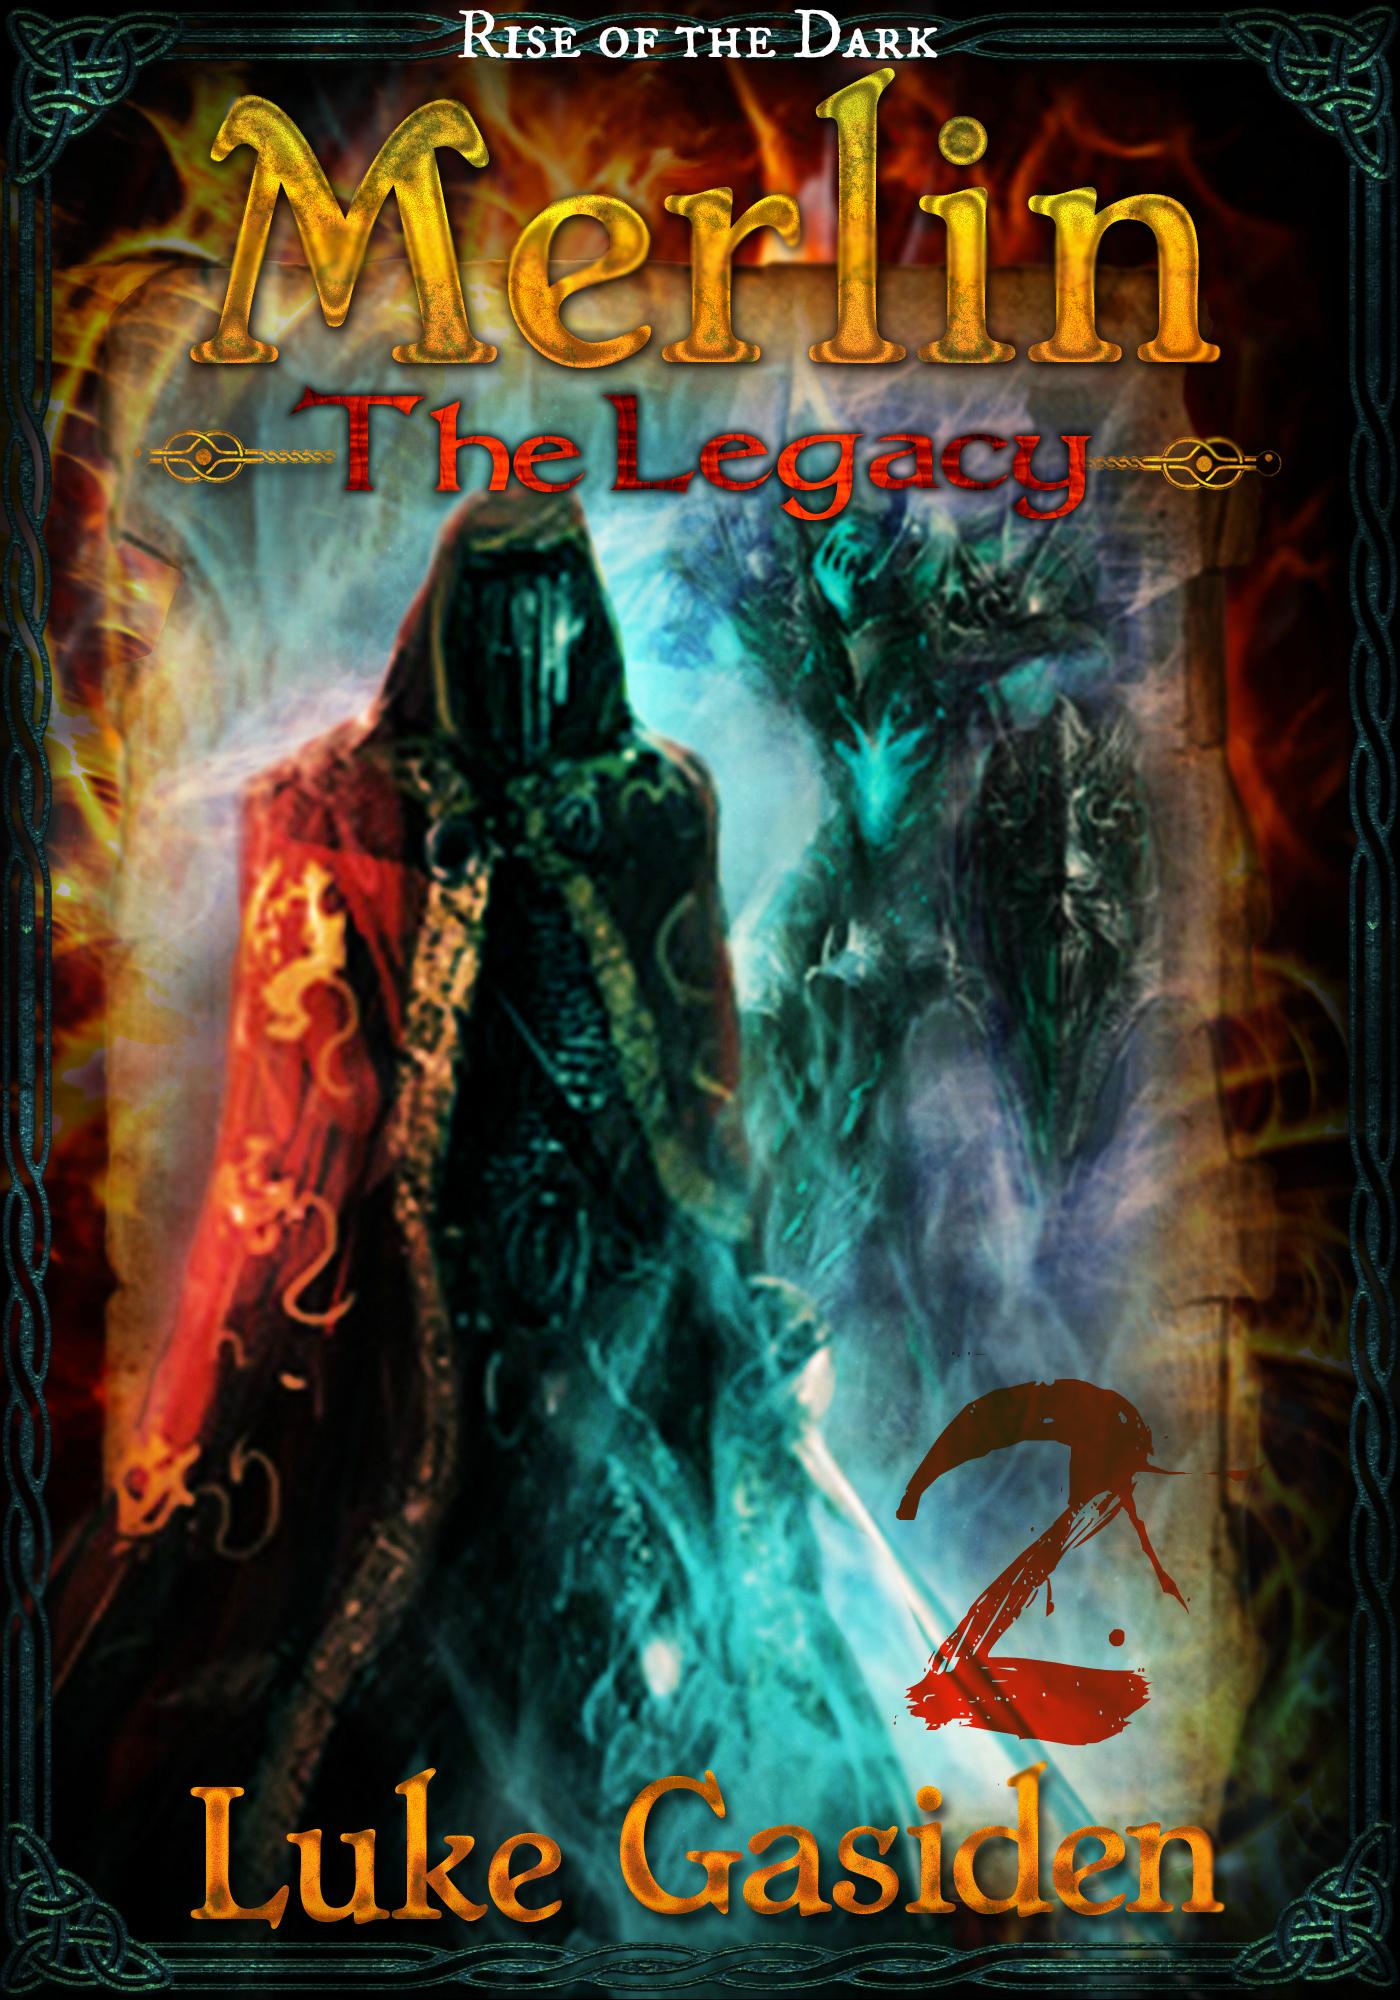 Luke Gasiden - Merlin - The Legacy #2 (Rise of the Dark)